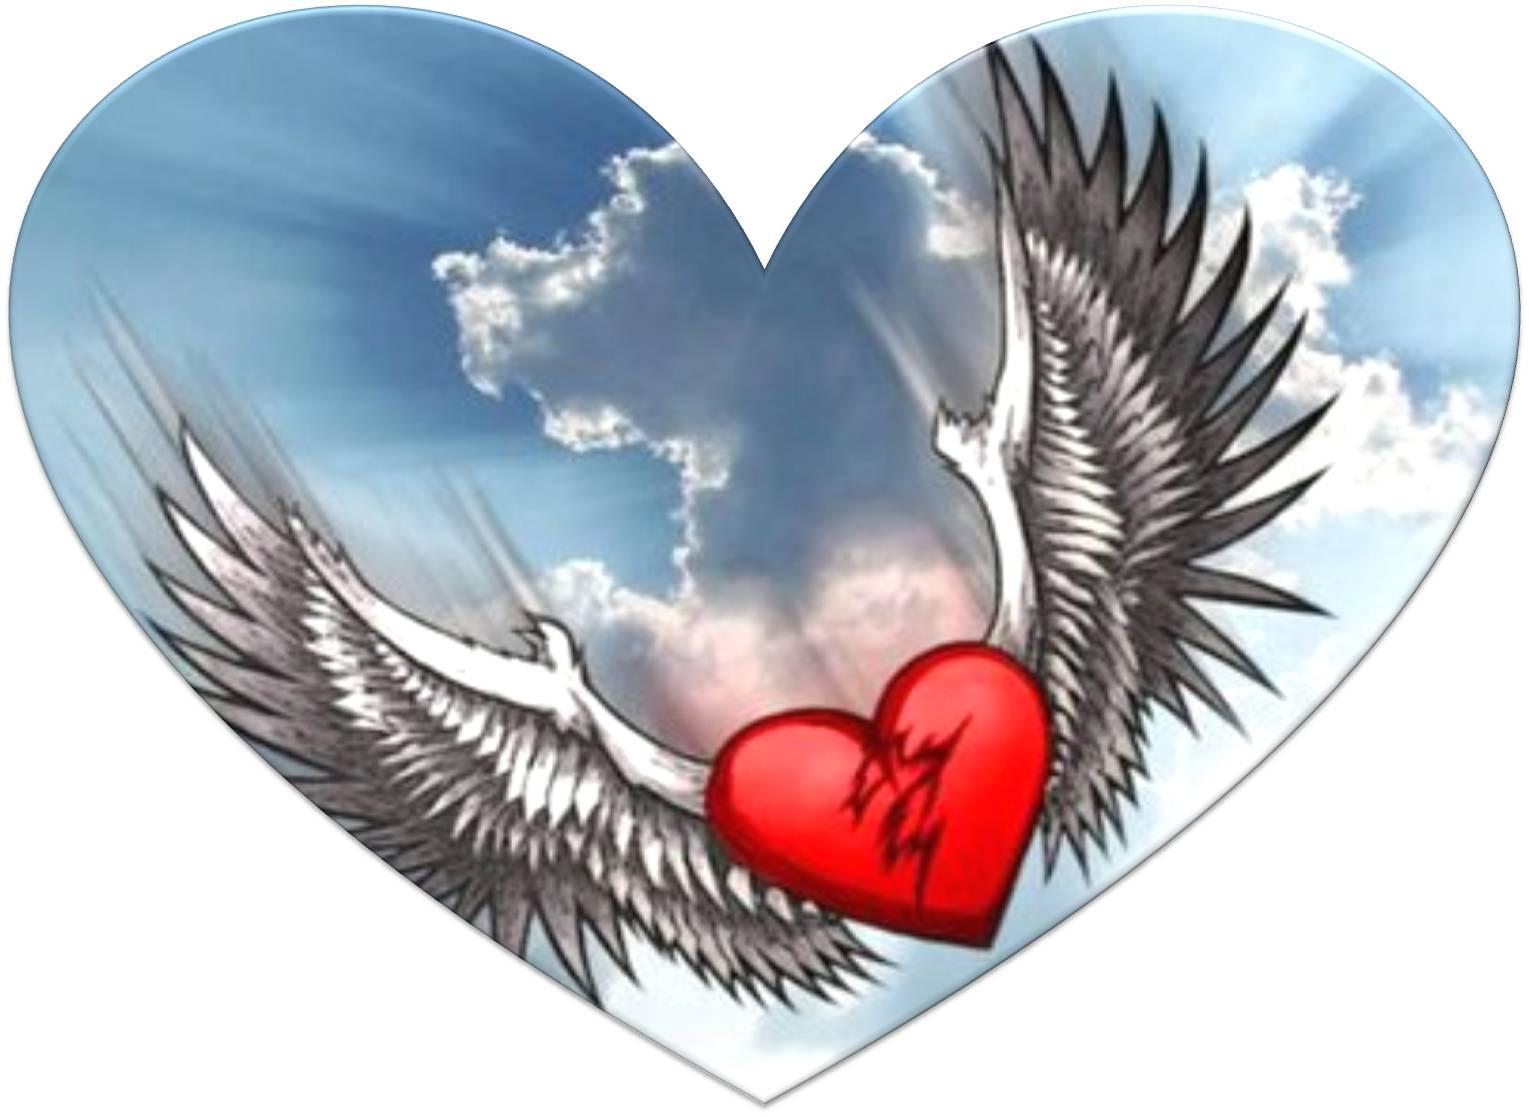 imagenes de corazones con brillos y animados de amor para